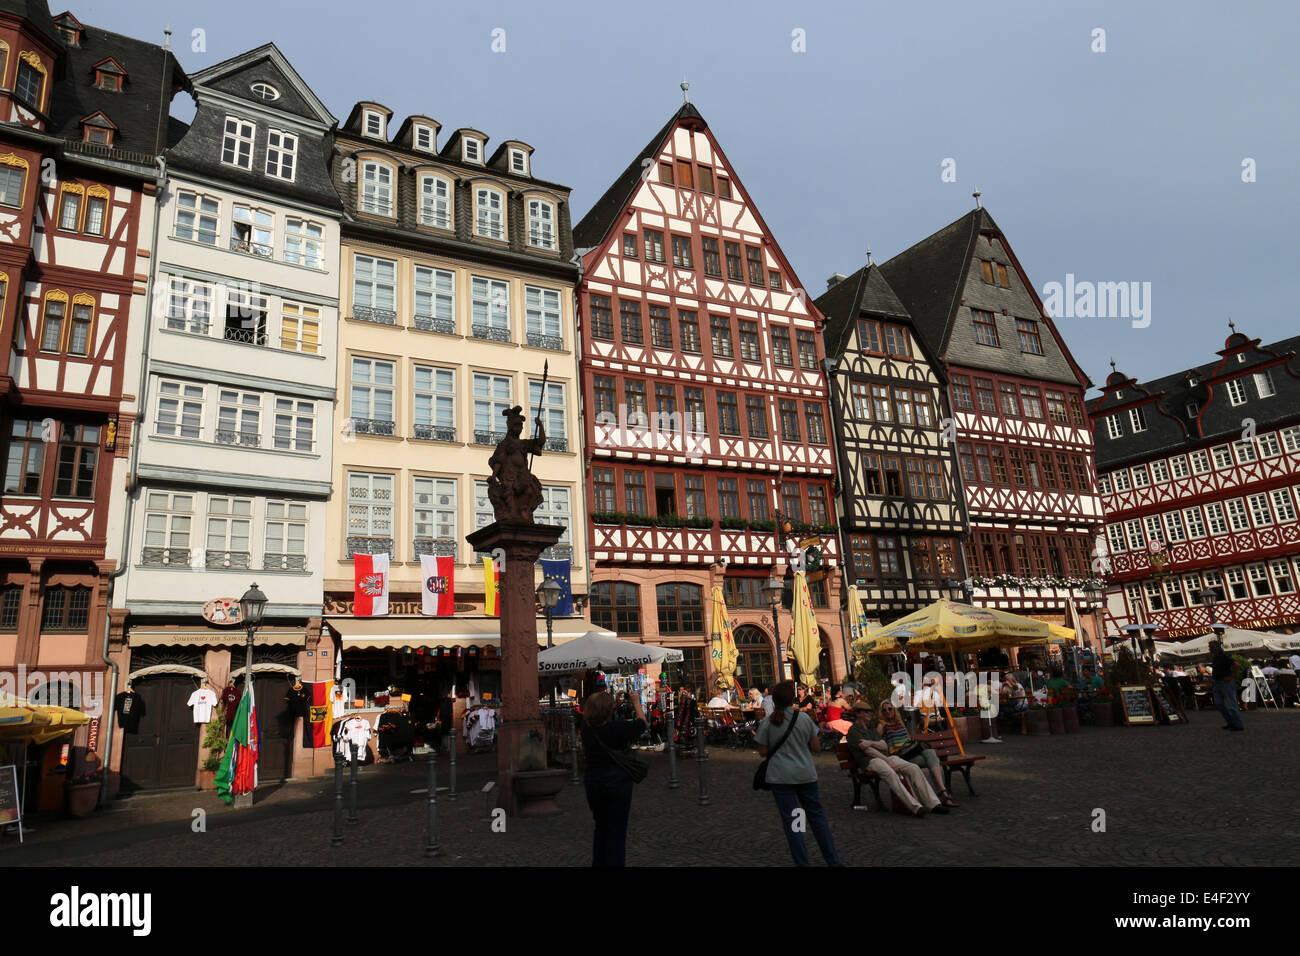 Weihnachtsmarkt Frankfurt Main.Weihnachtsmarkt Römerberg Frankfurt Am Main Hessen Germany